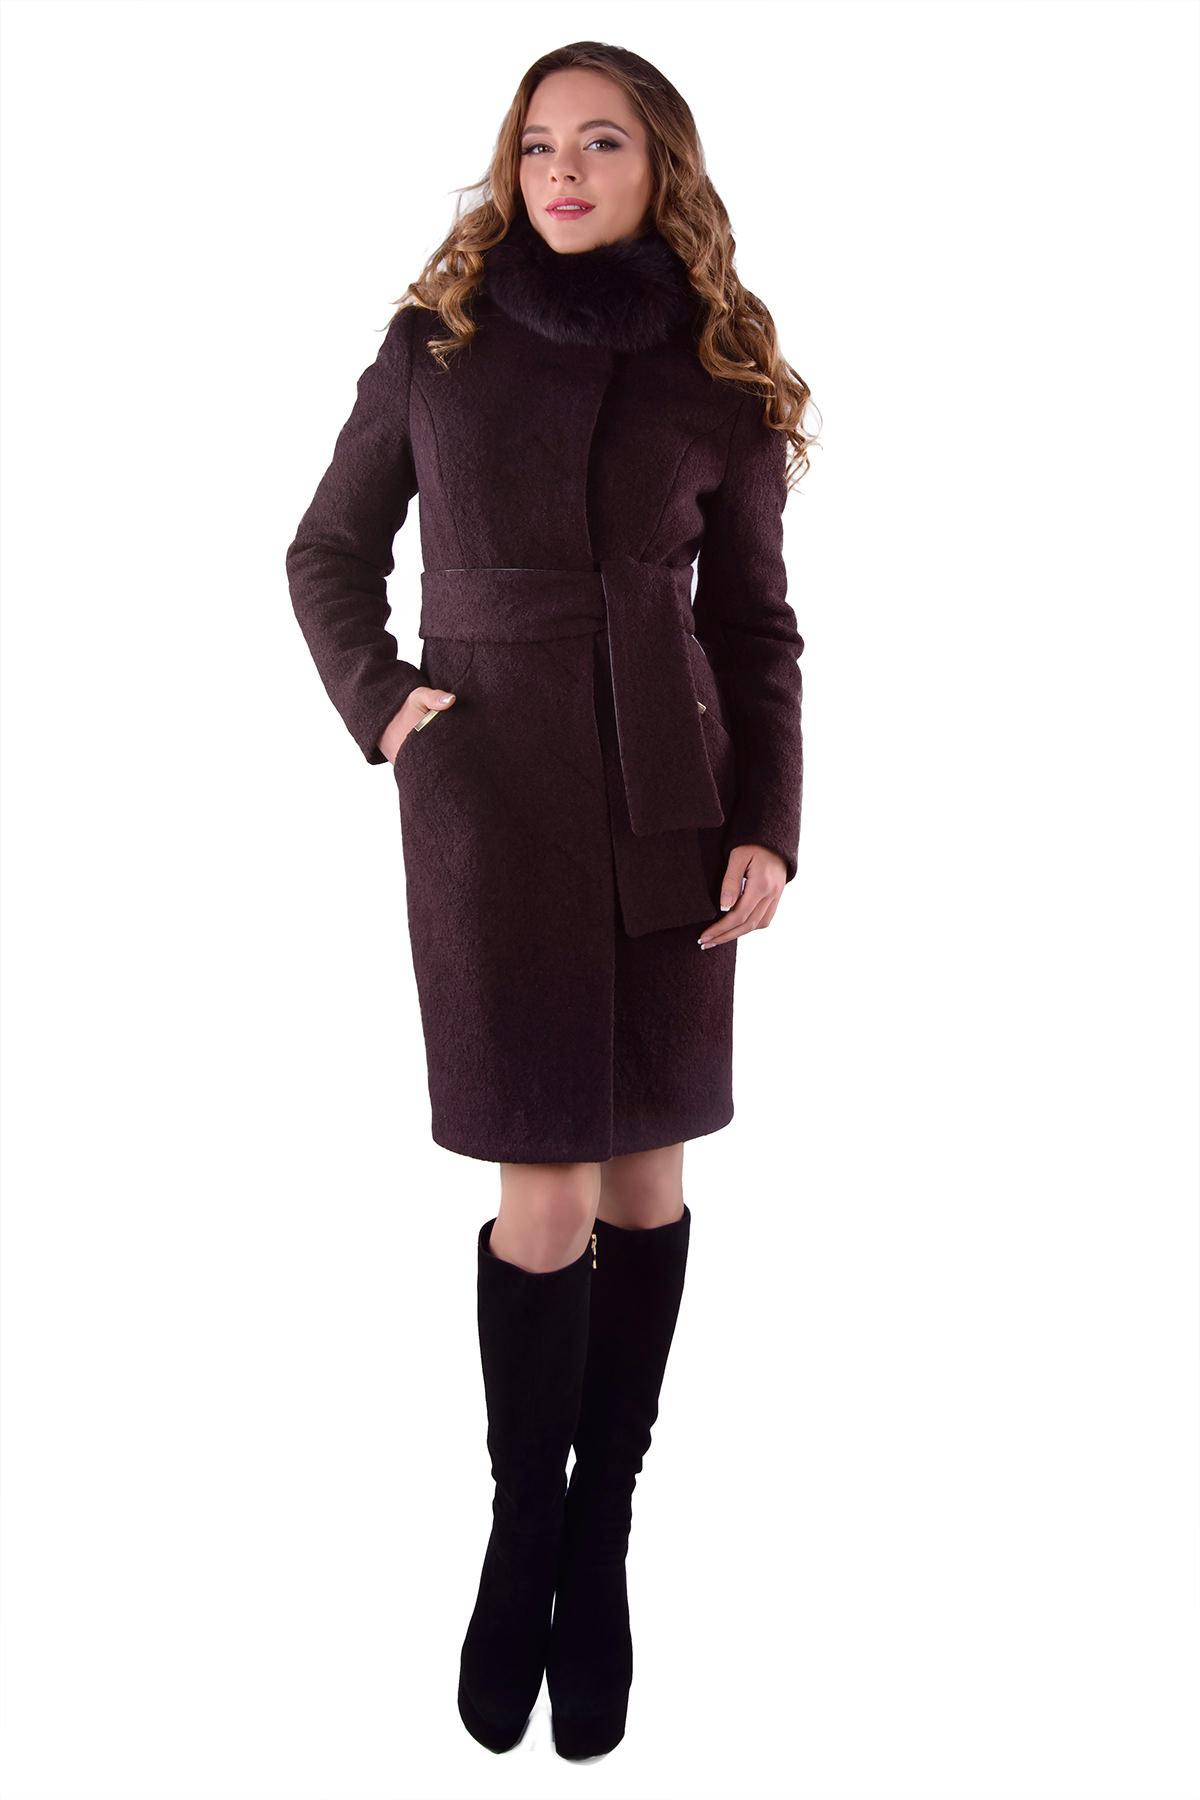 Женская одежда оптом от производителя Modus Пальто Луара лайт шерсть зима песец